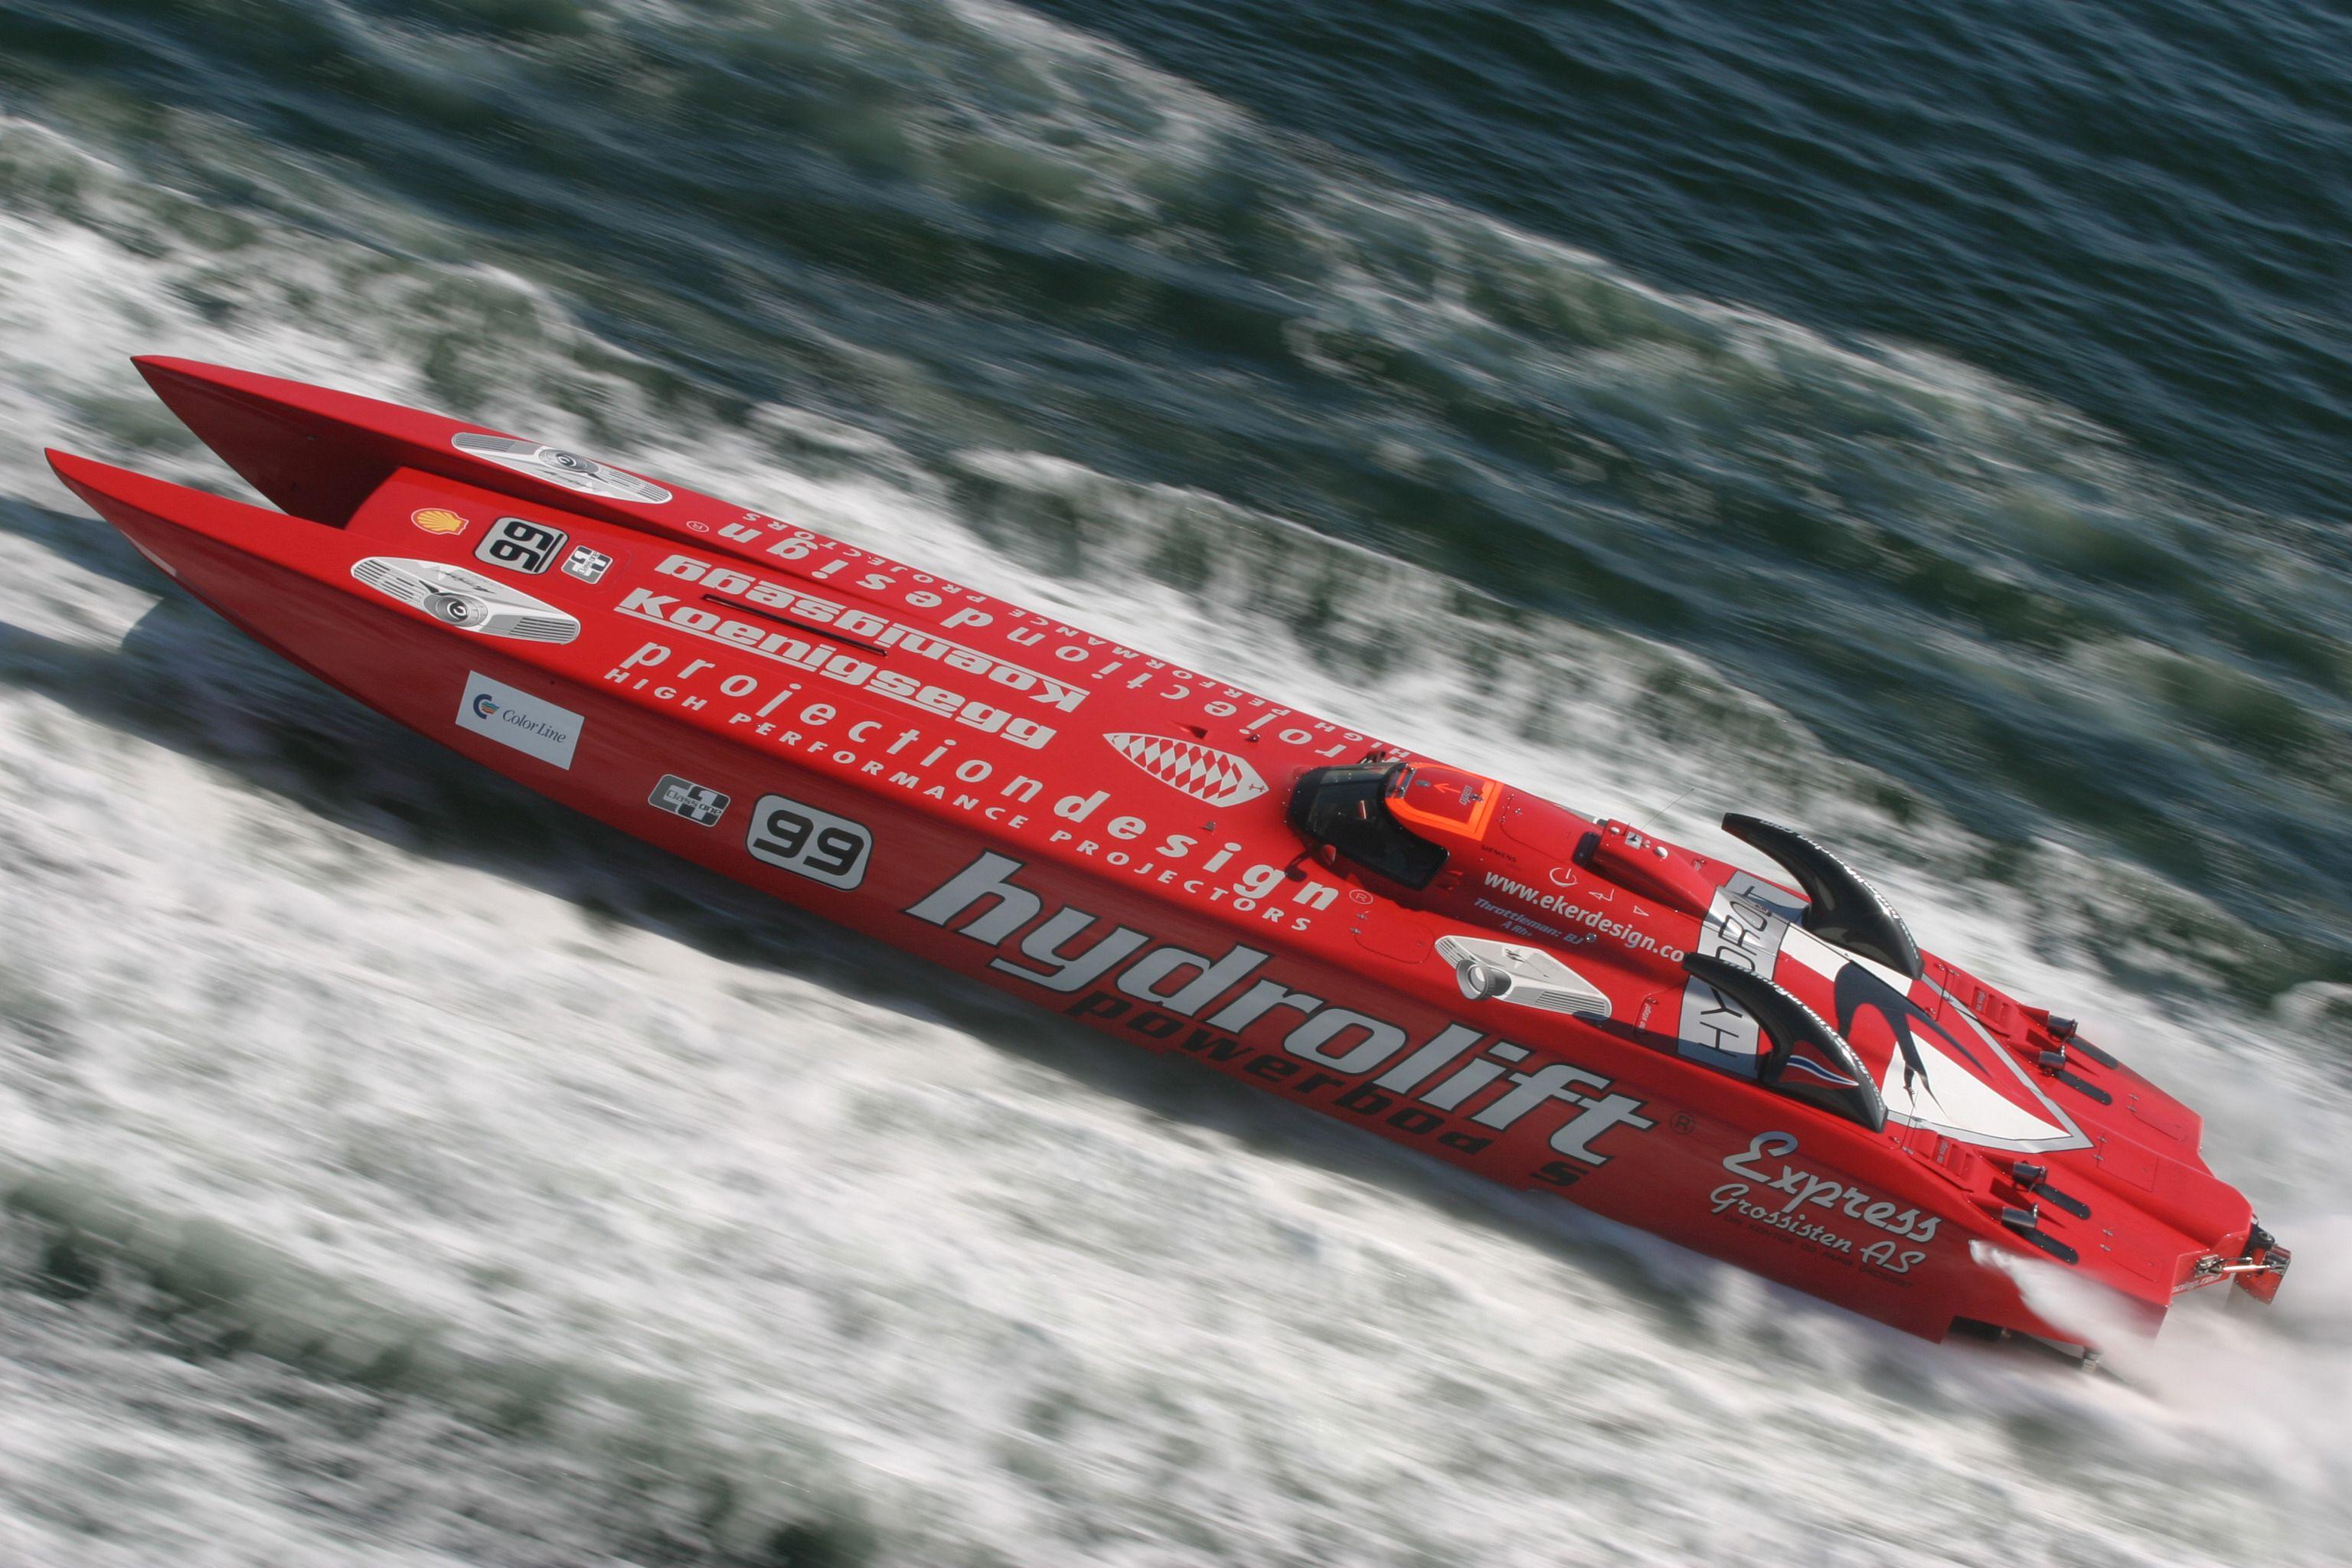 Stort raskere går det ikke an å bevege seg på vannet. I 2005 ble det seier for Bård Eker og teamet hans i Class 1 World Powerboat Championship. Eker Design